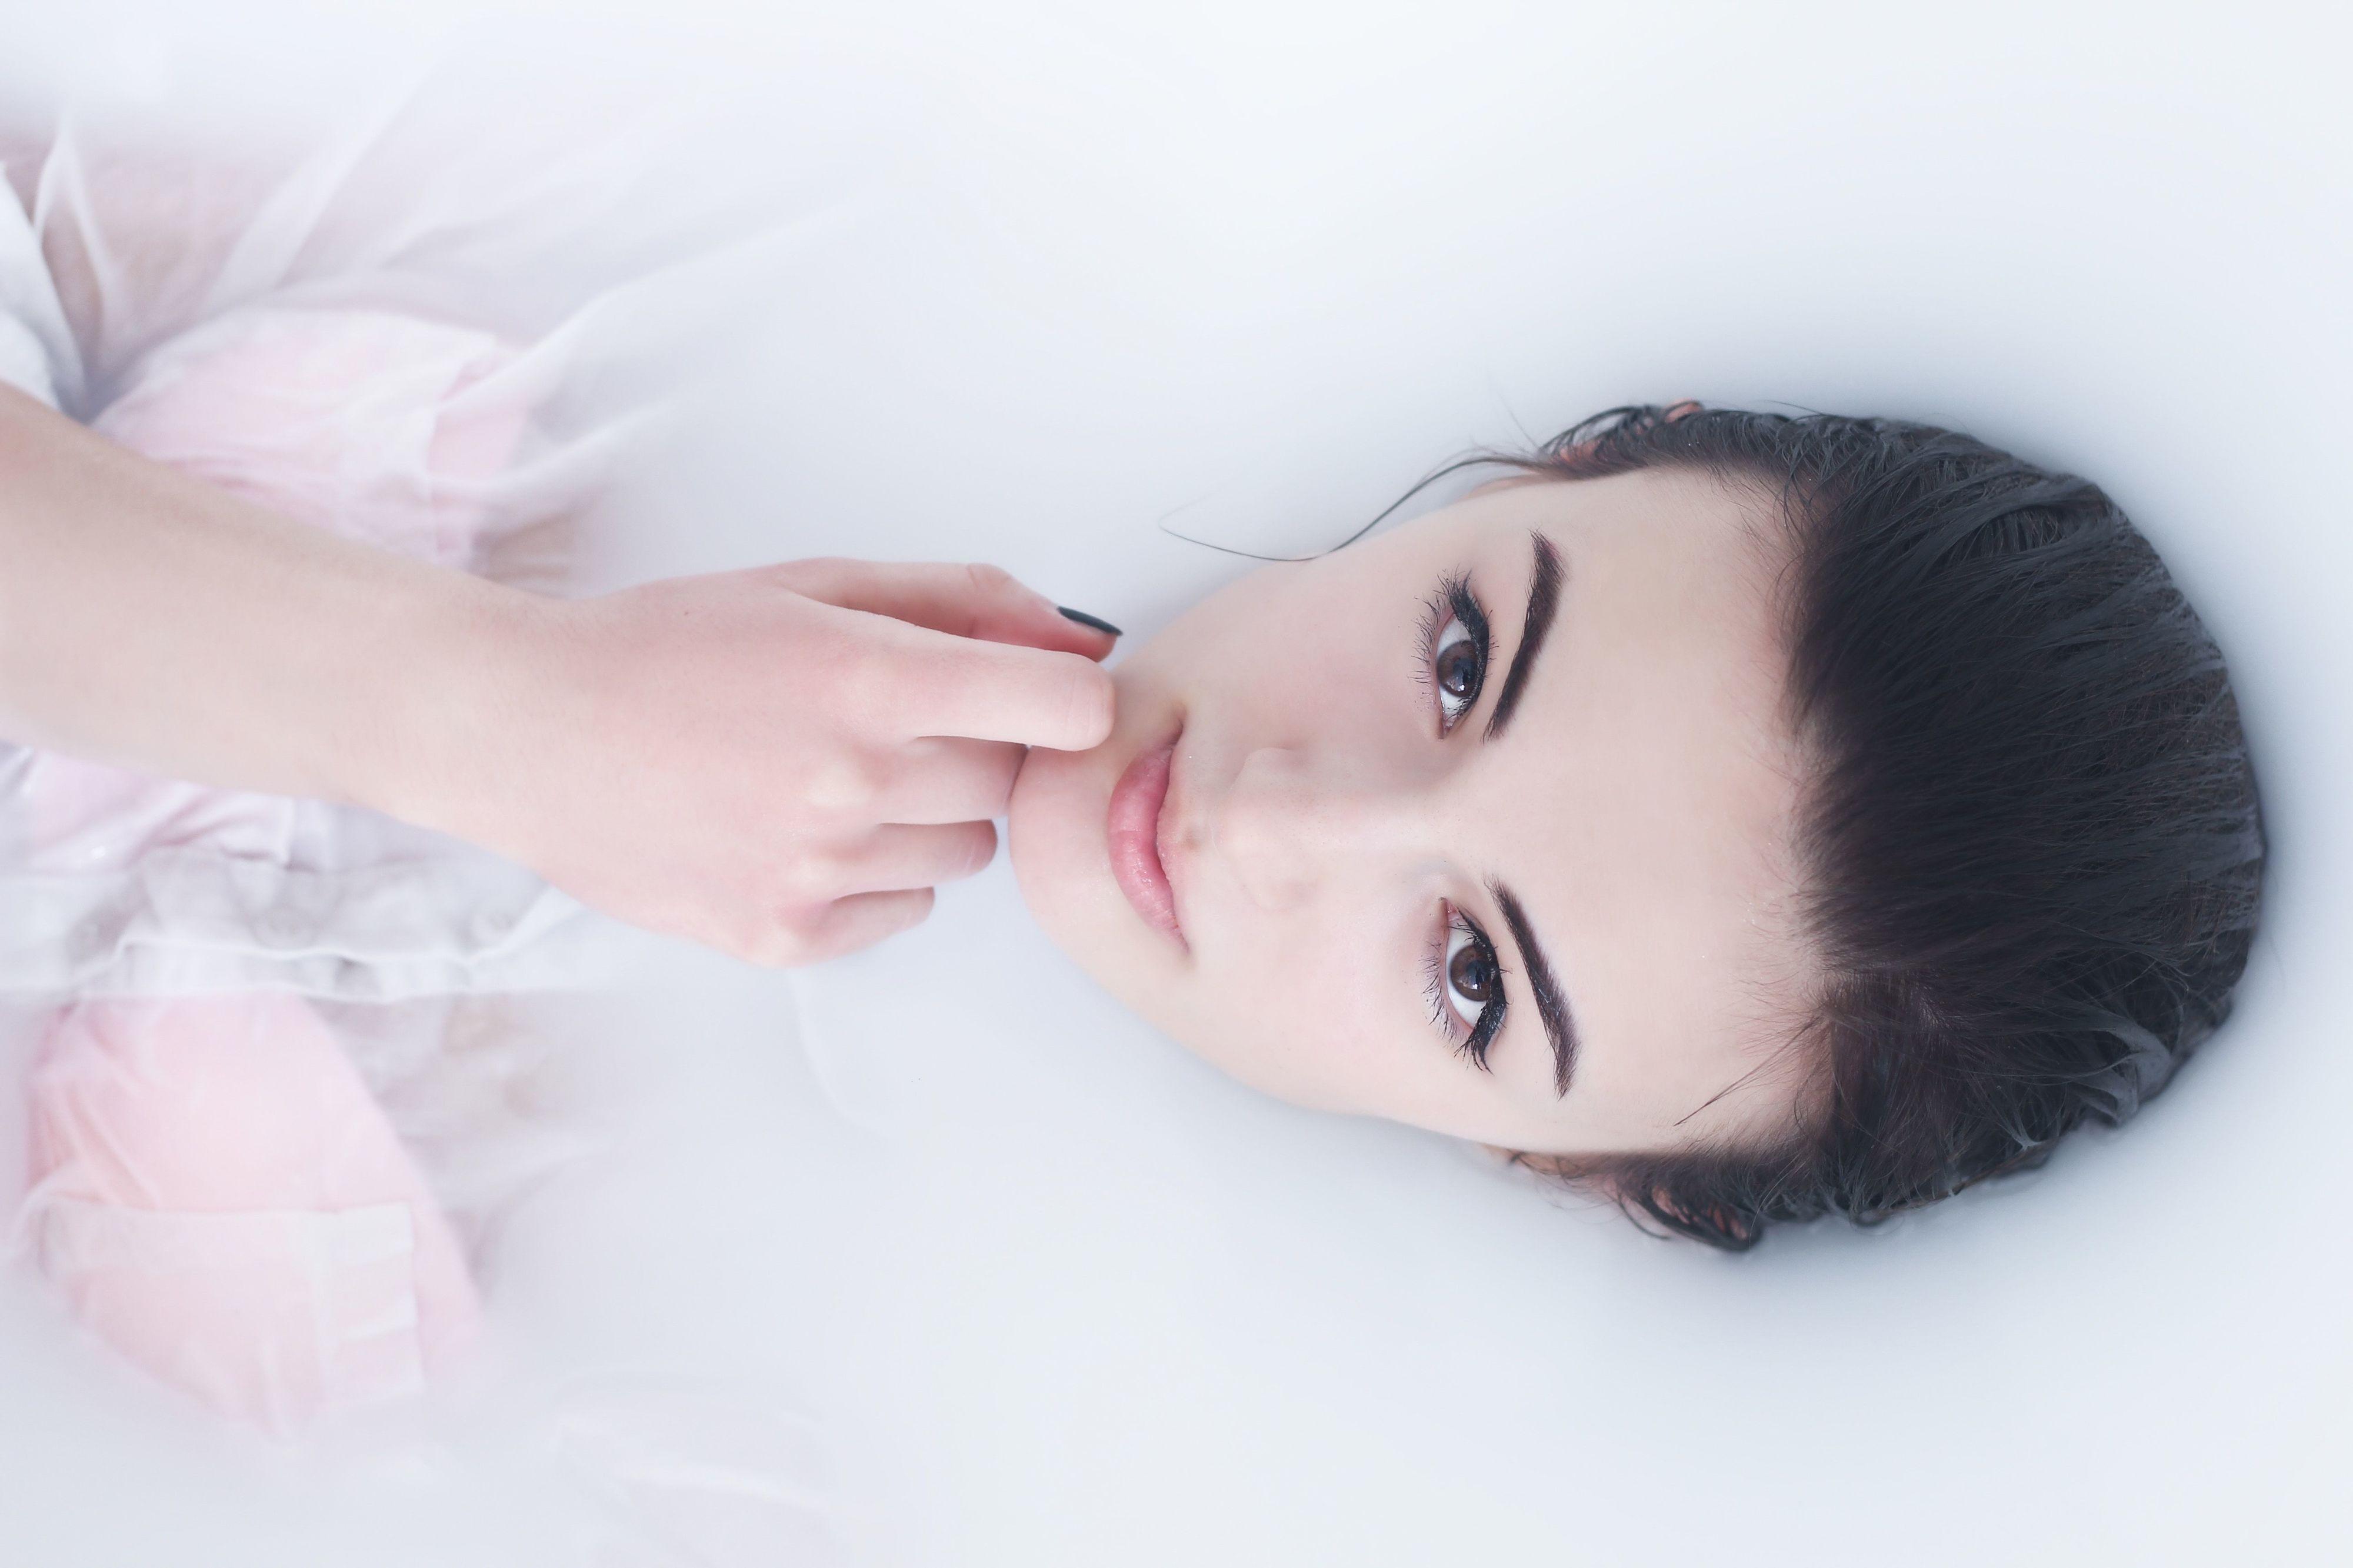 Bagno Rilassante In Casa : I benefici del bagno caldo effetto anti tossine e rilassante per